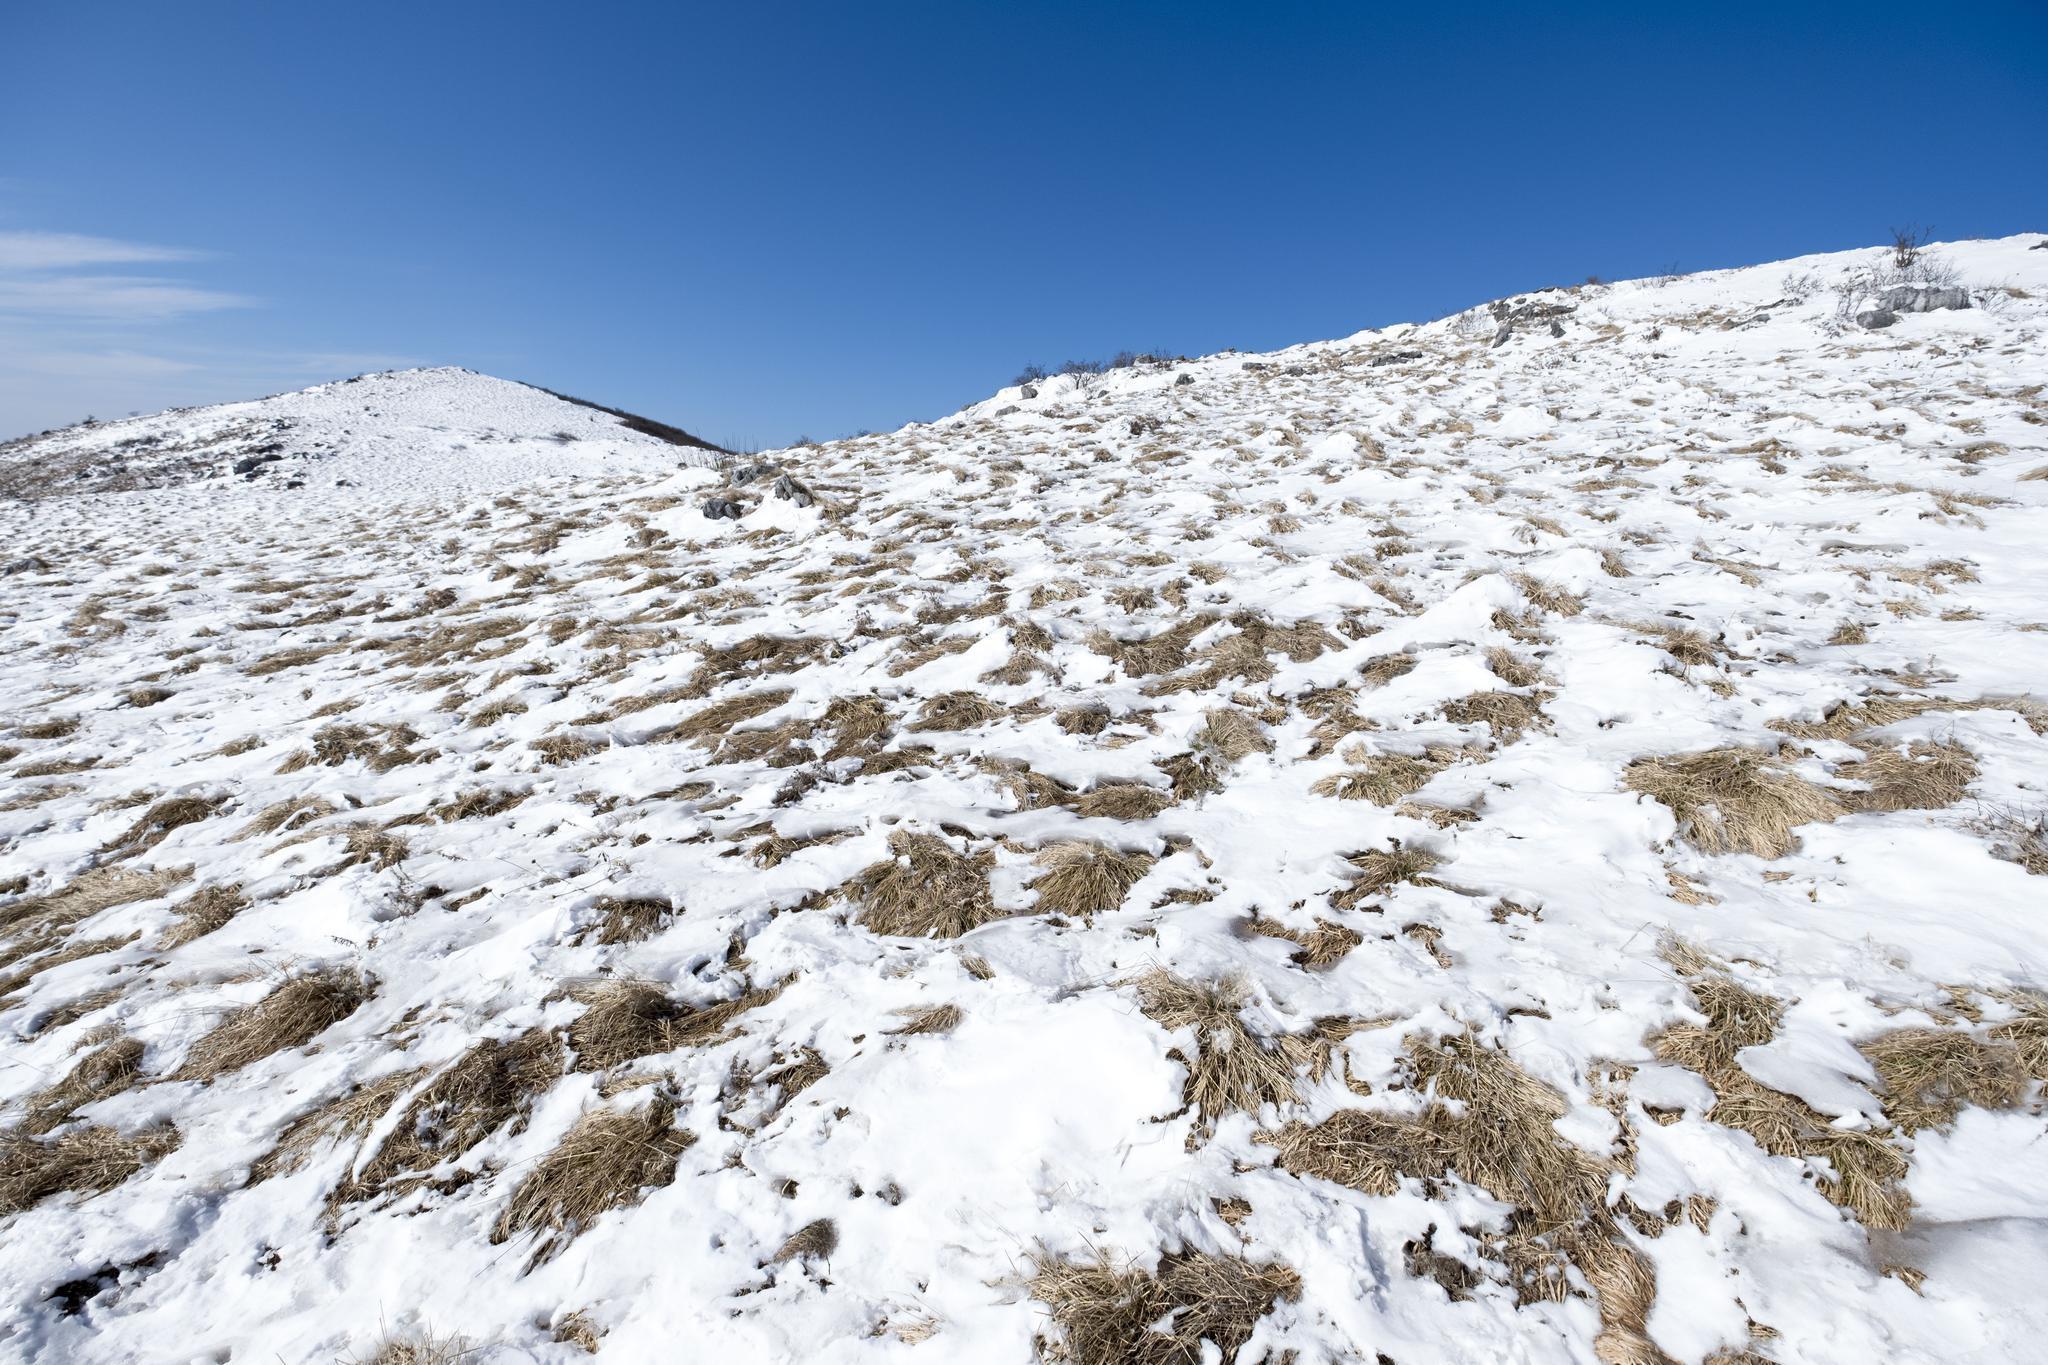 实拍秦岭紫柏山,登顶之后能看到上百座山峰,还有一堆陨石坑奇观